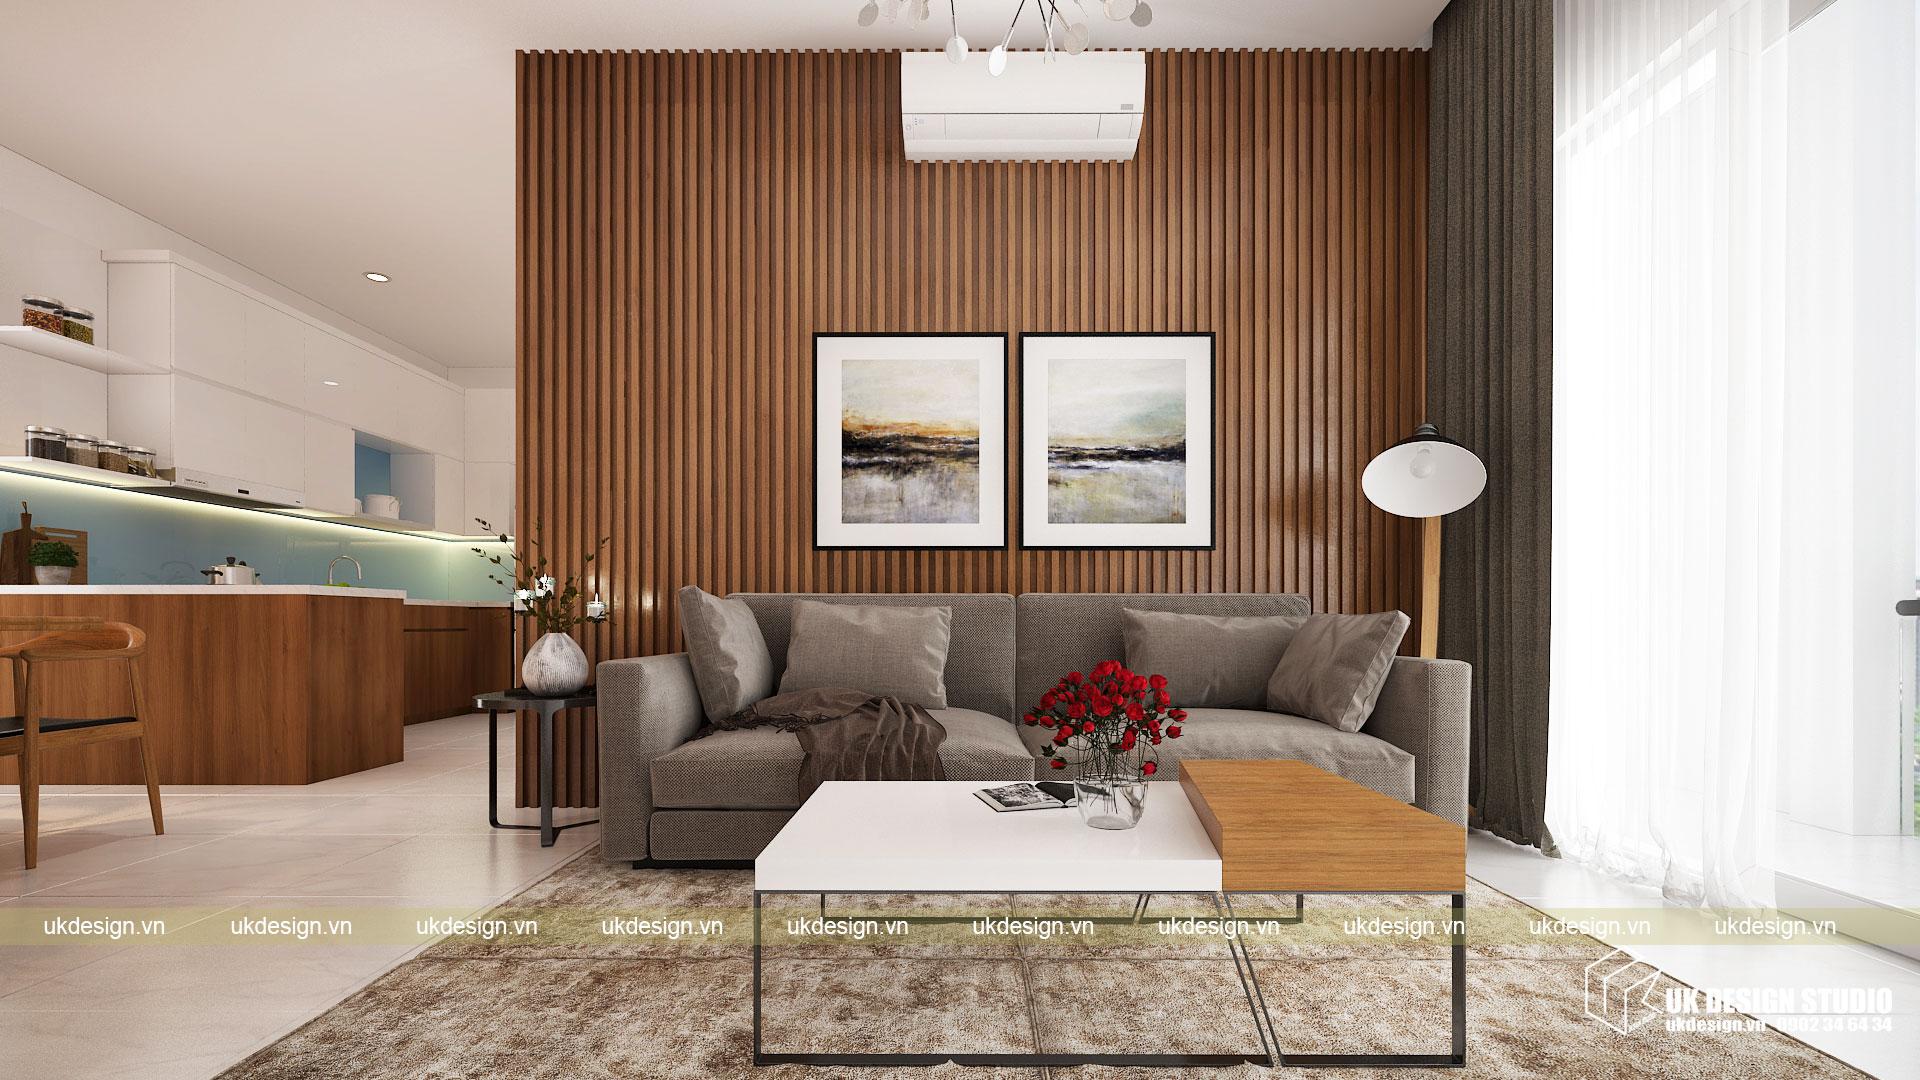 Thiết kế nội thất căn hộ 60m2 Hưng Lộc Phát 4